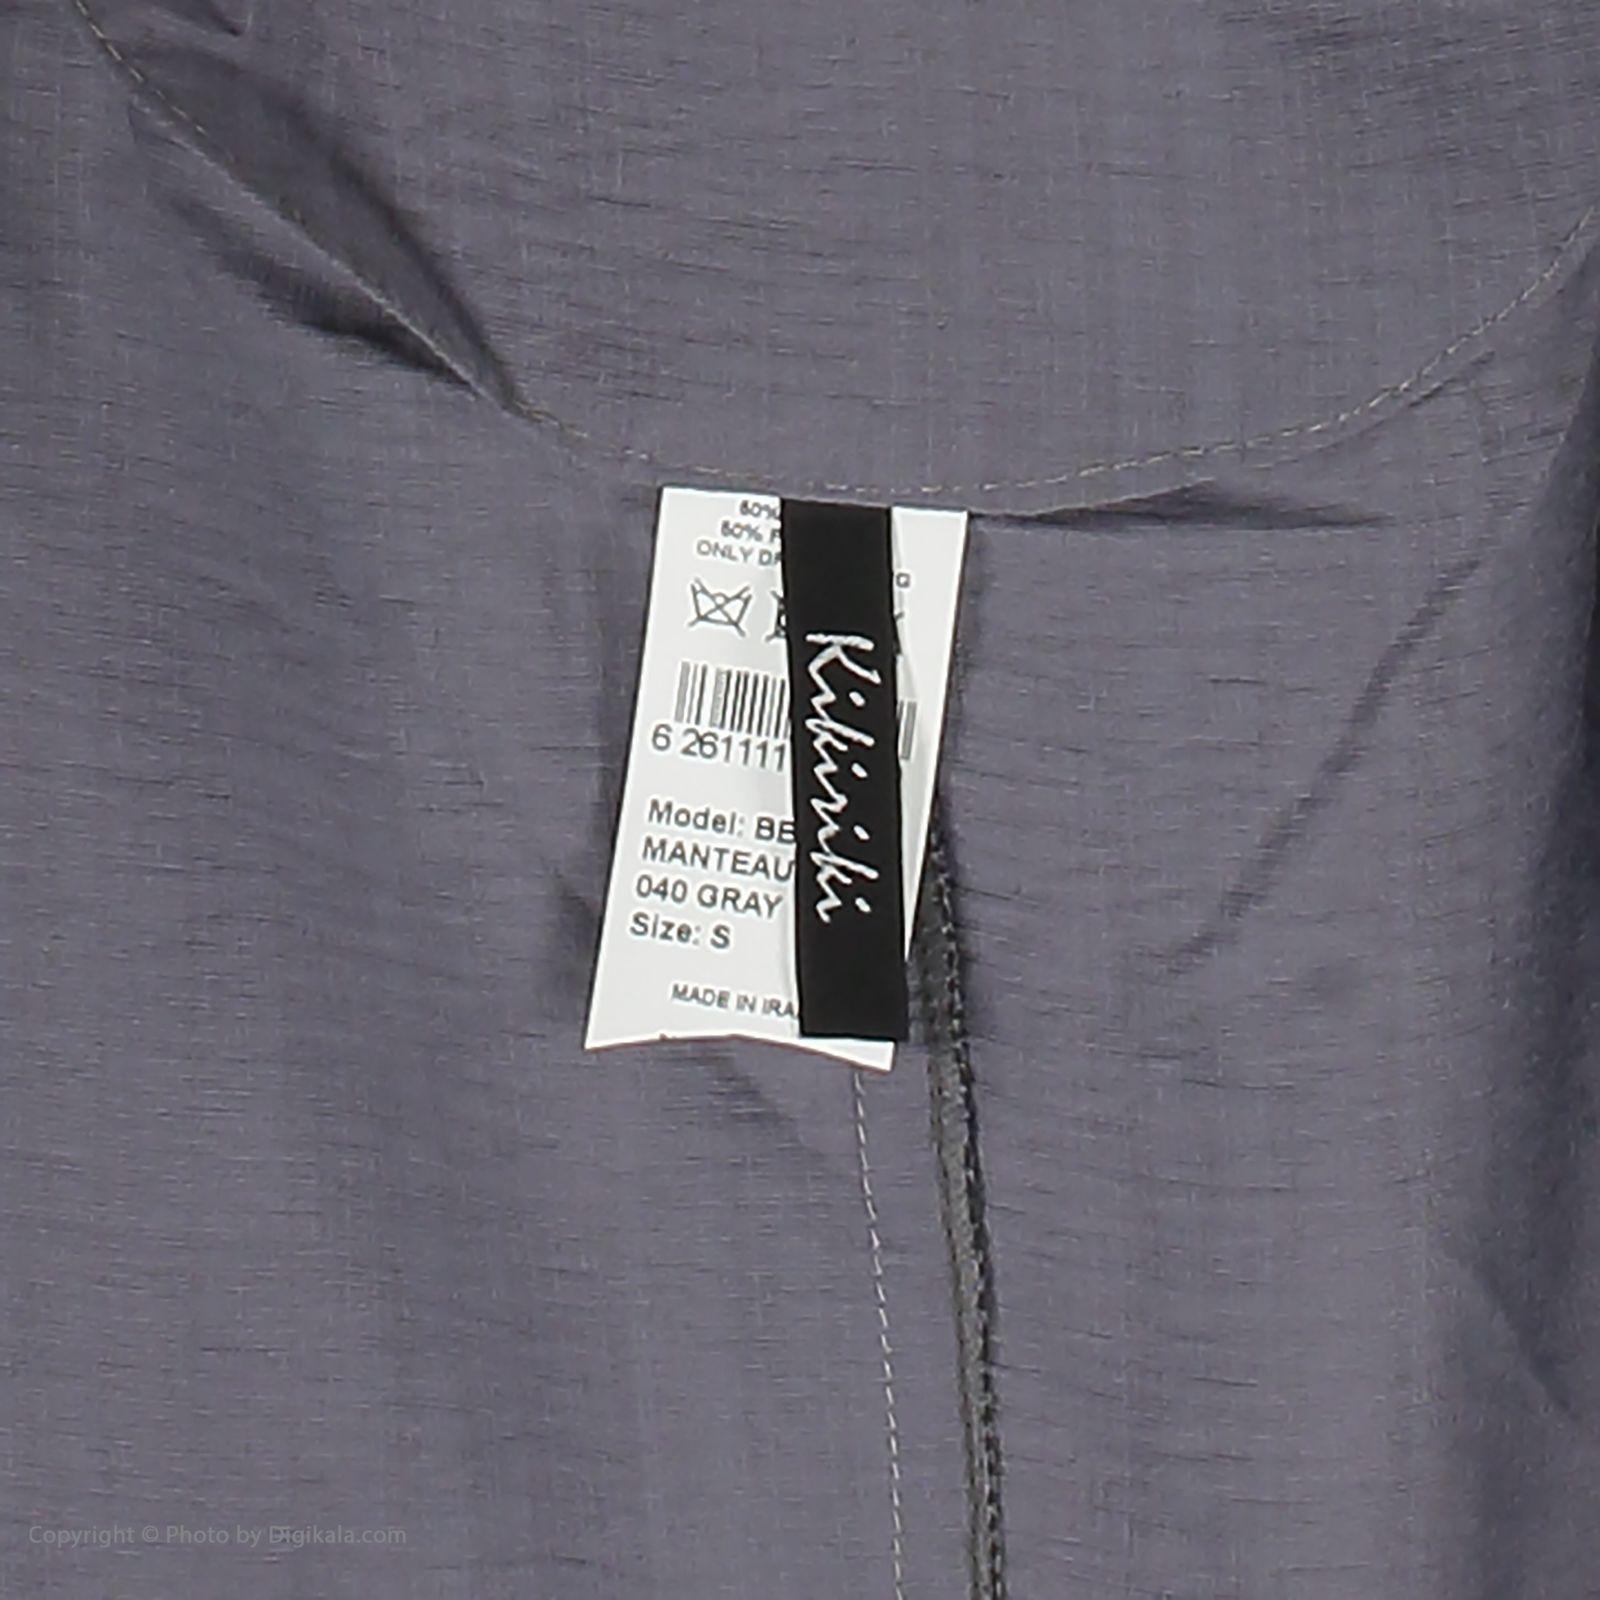 مانتو زنانه کیکی رایکی مدل BB1111-040 -  - 7